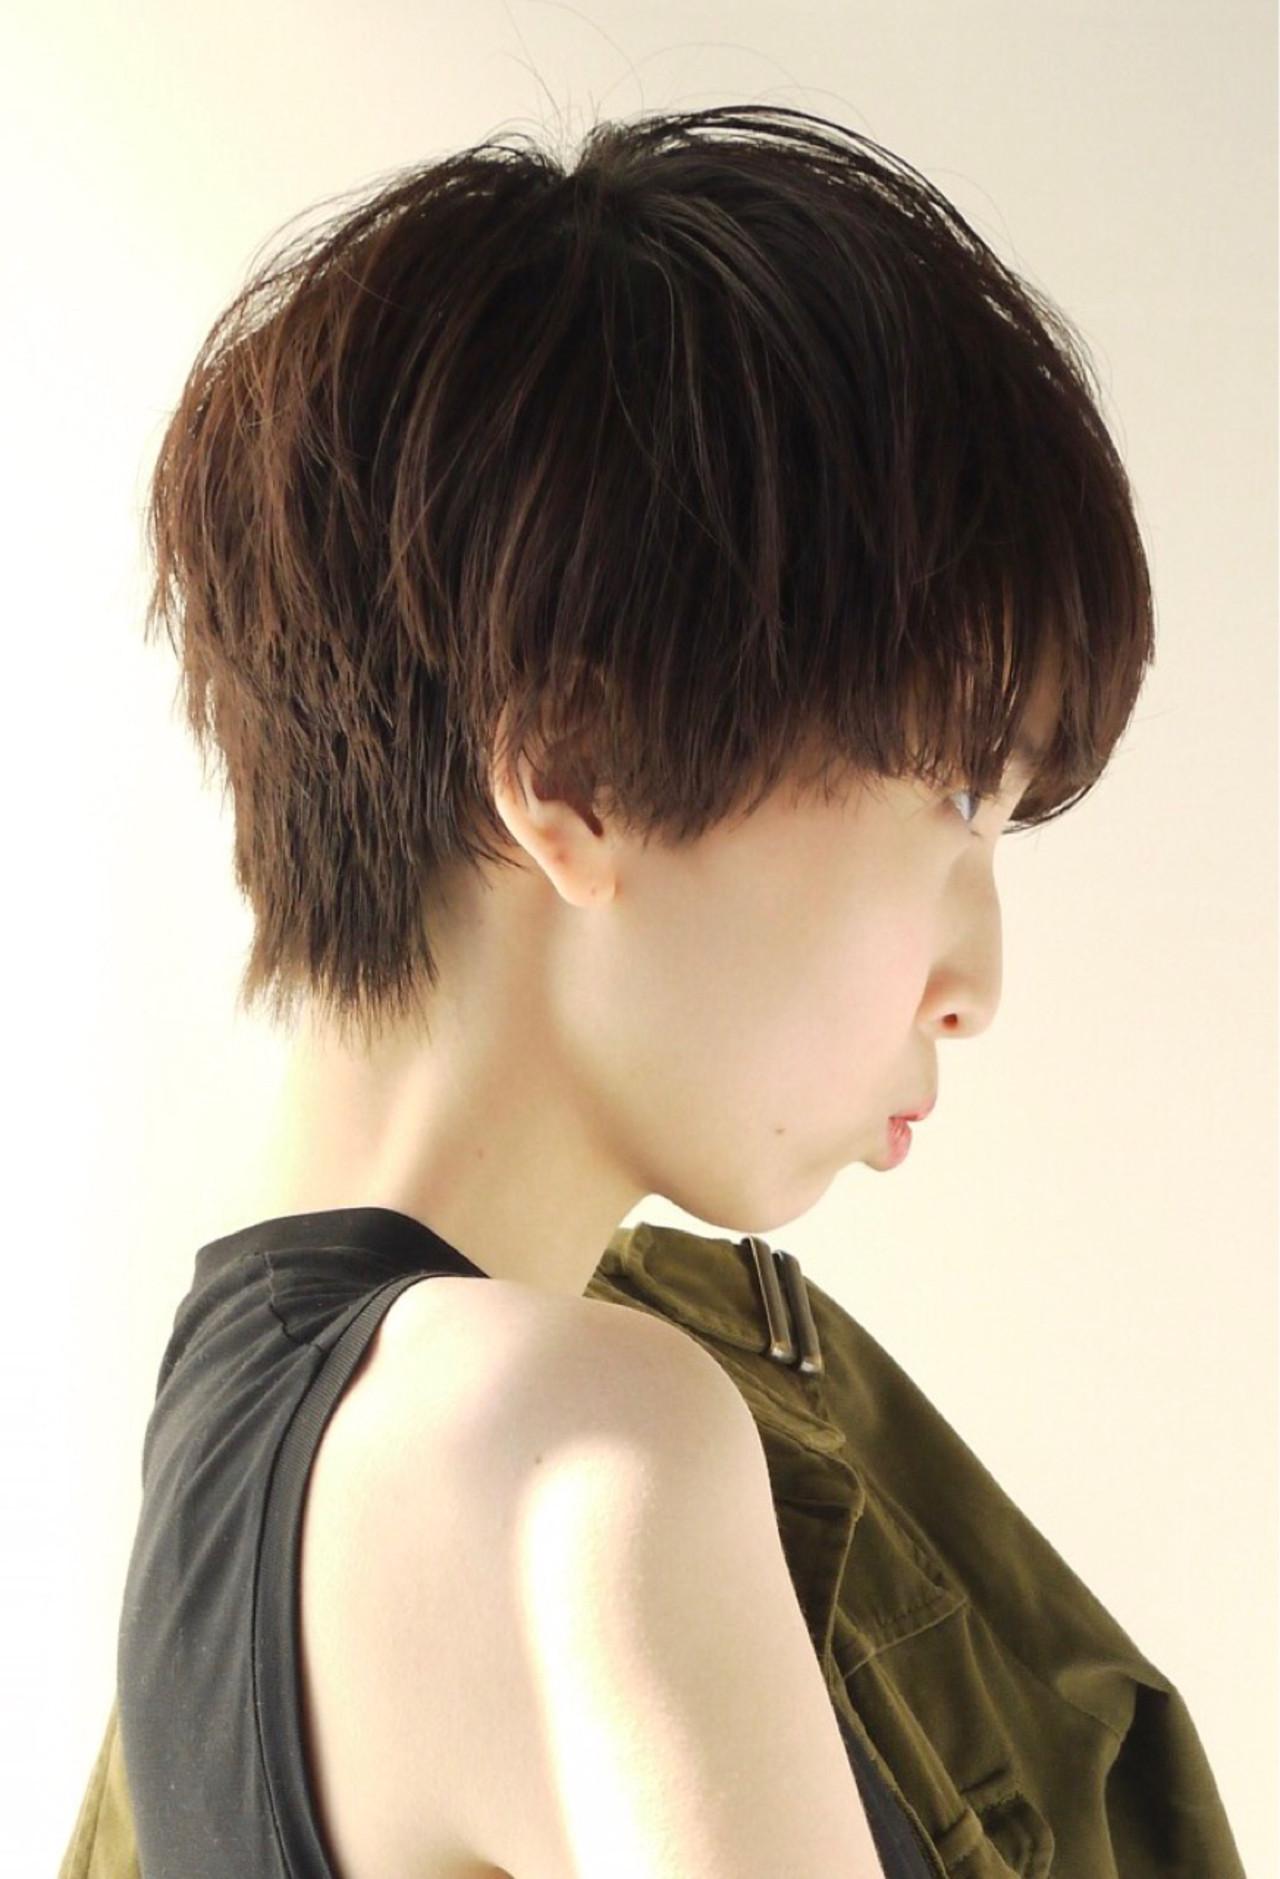 ナチュラル 黒髪 ショート スポーツ ヘアスタイルや髪型の写真・画像